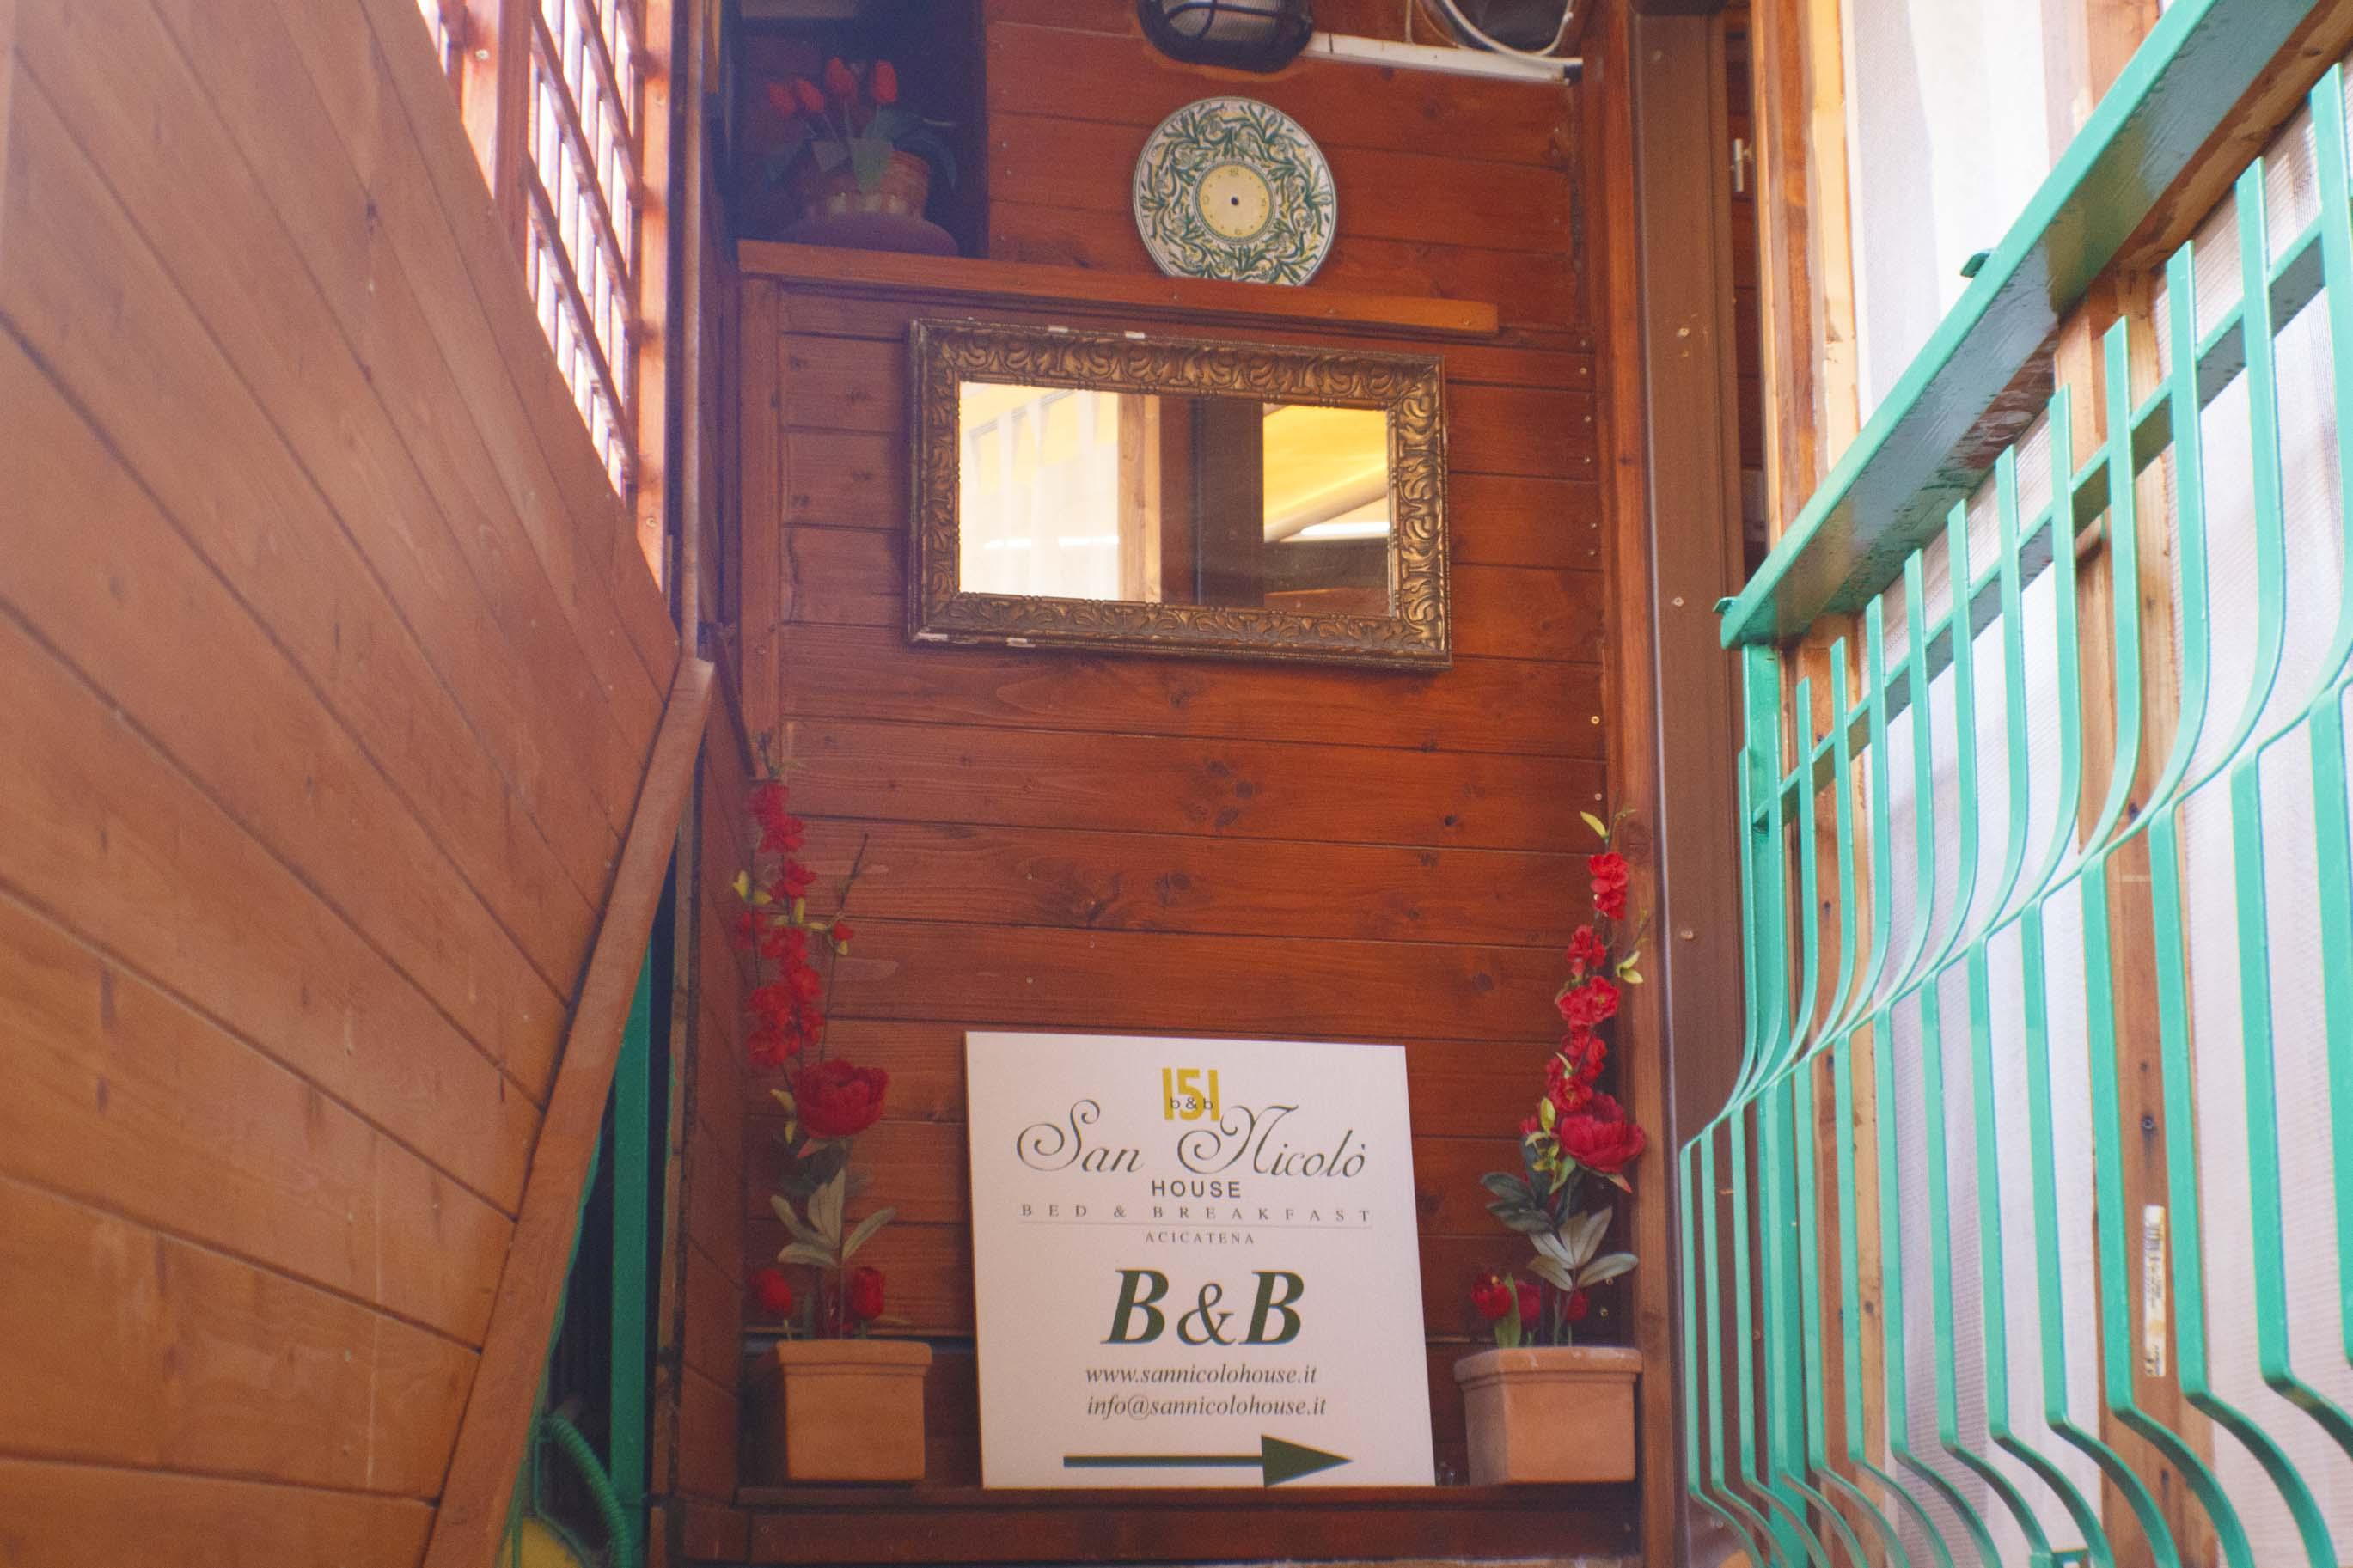 B&B San Nicolò House